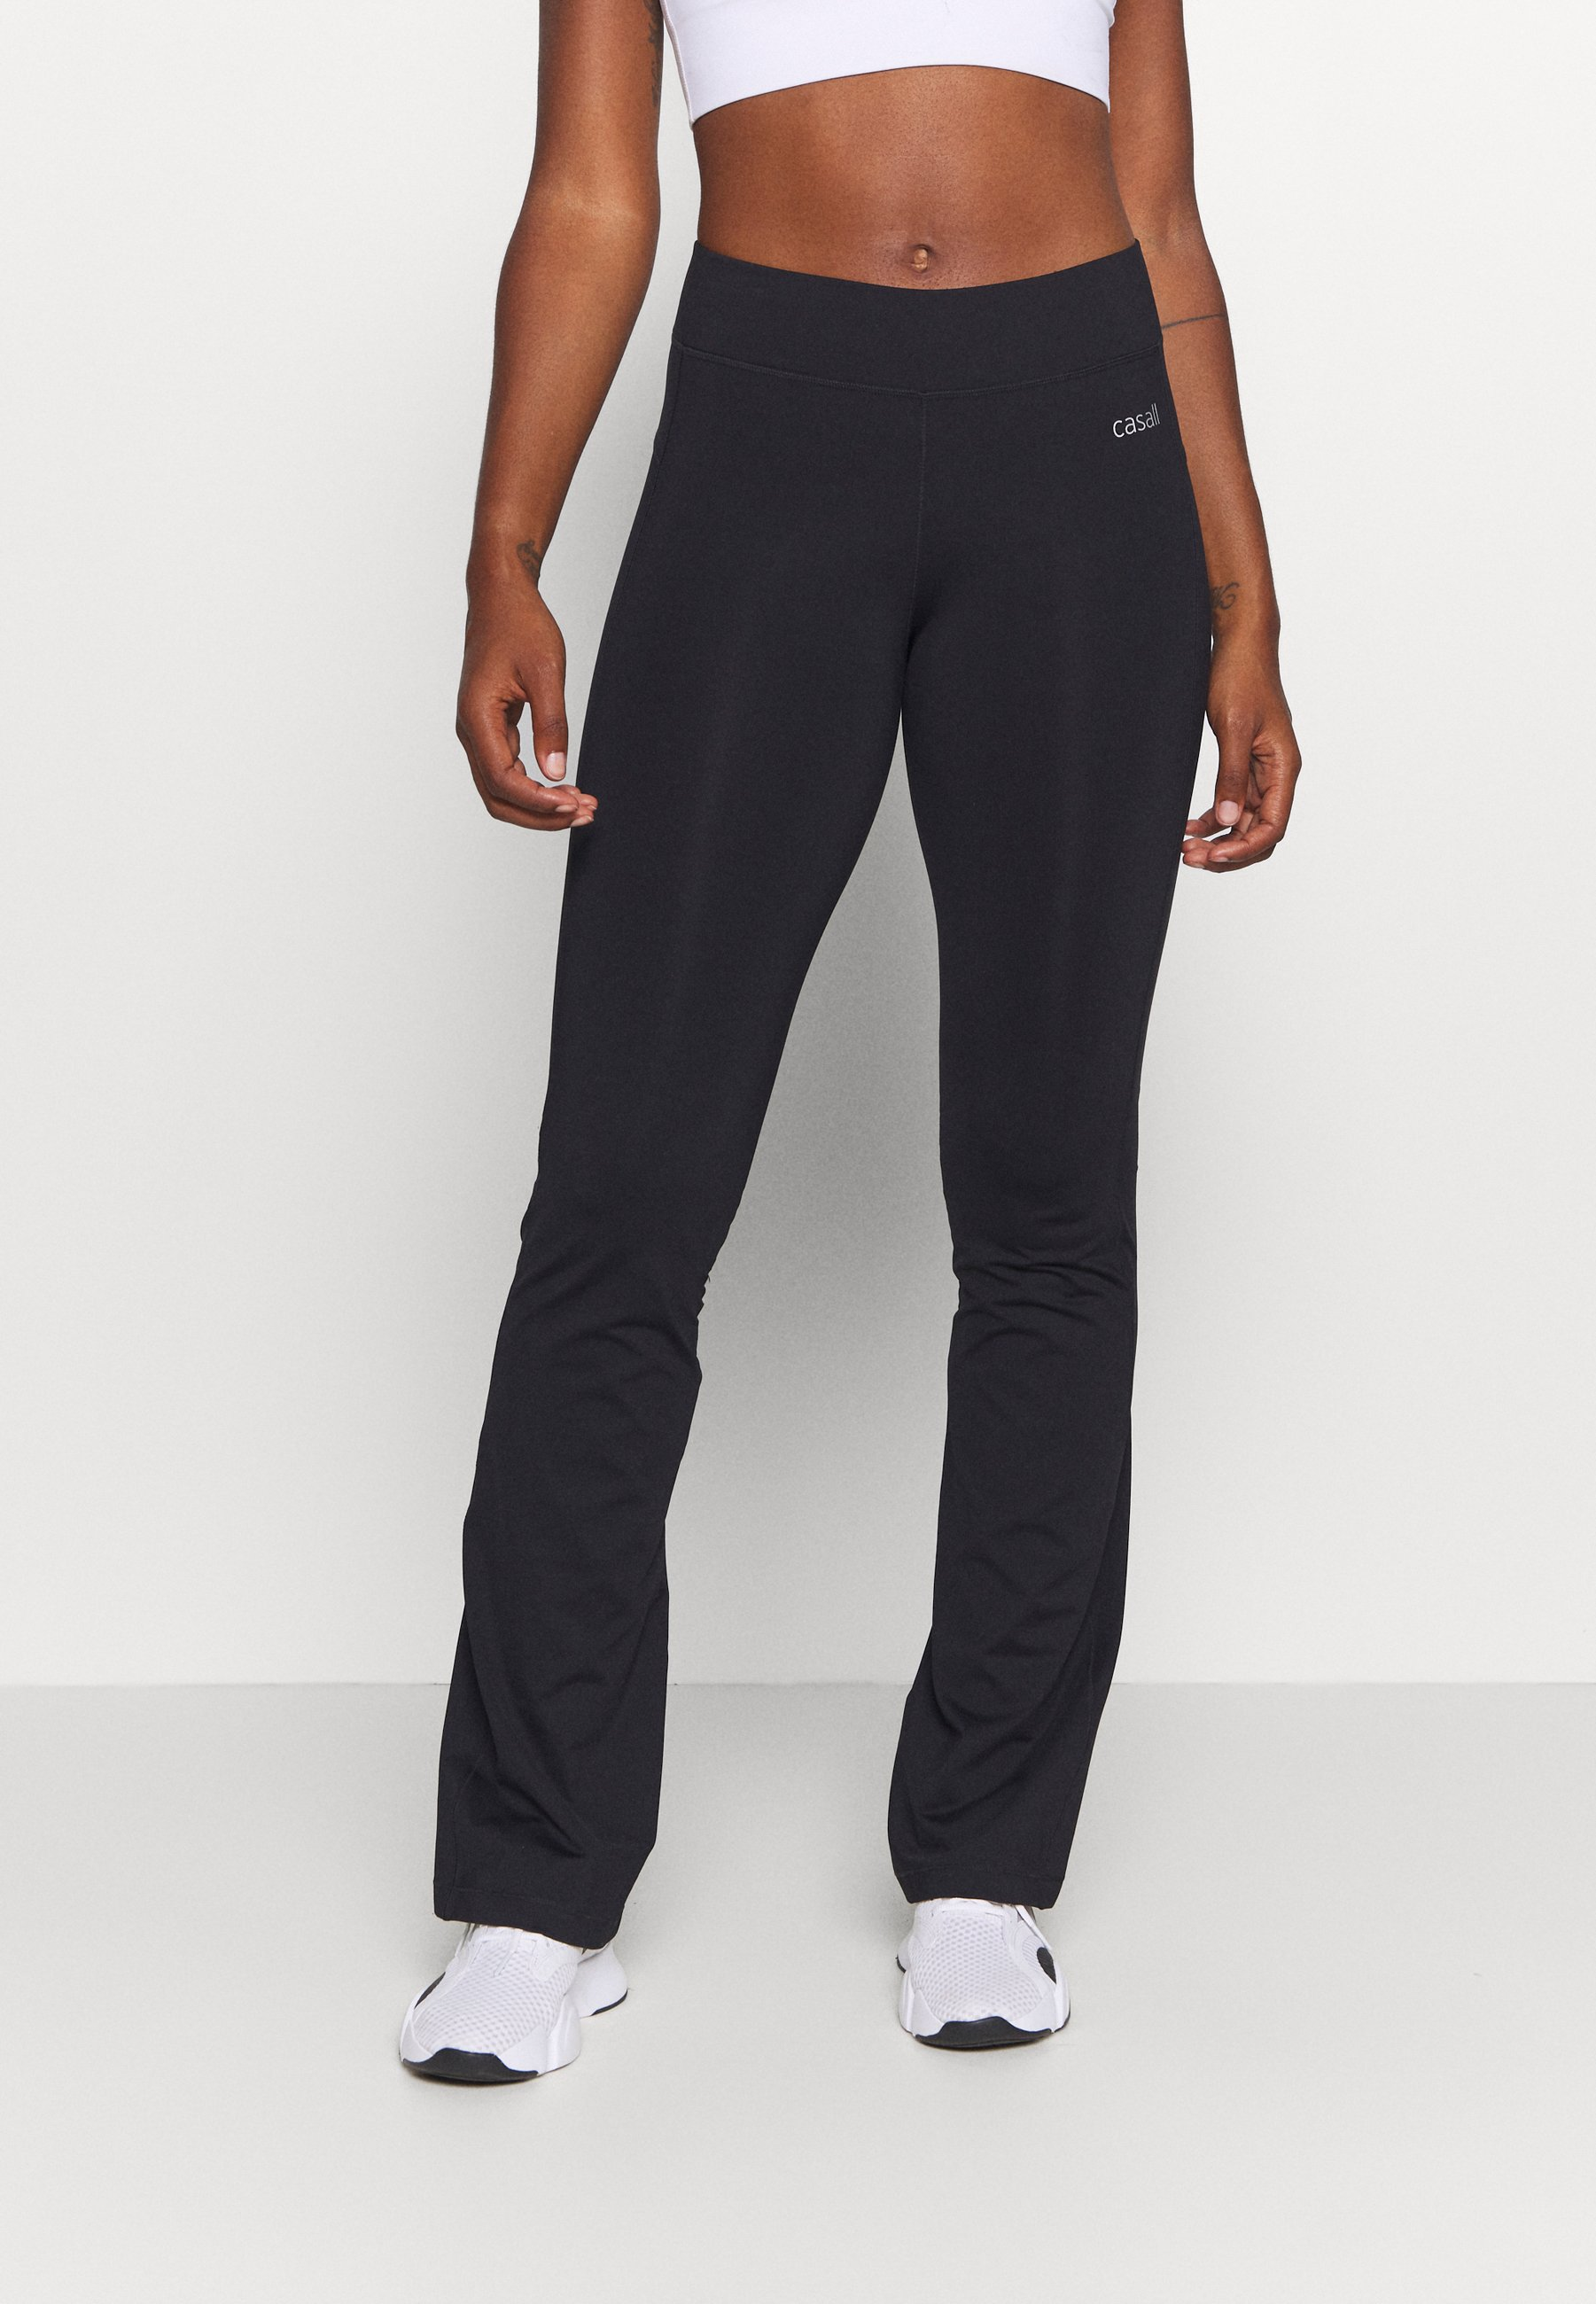 Femme CLASSIC JAZZ PANTS - Pantalon de survêtement